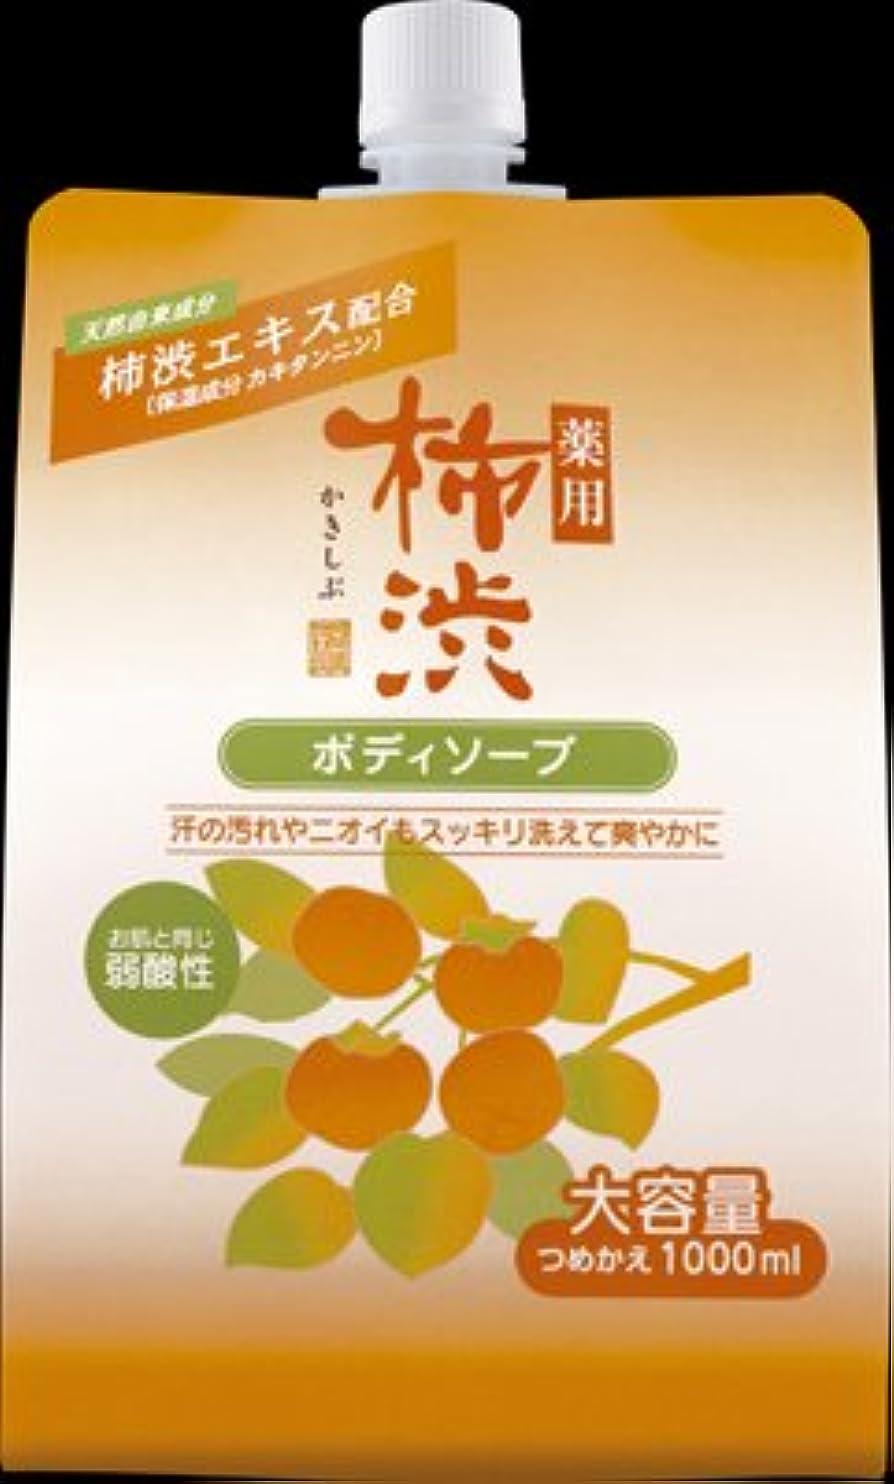 トラフ剃る破裂熊野油脂 薬用柿渋ボディソープ 1000ML つめかえ用×10点セット